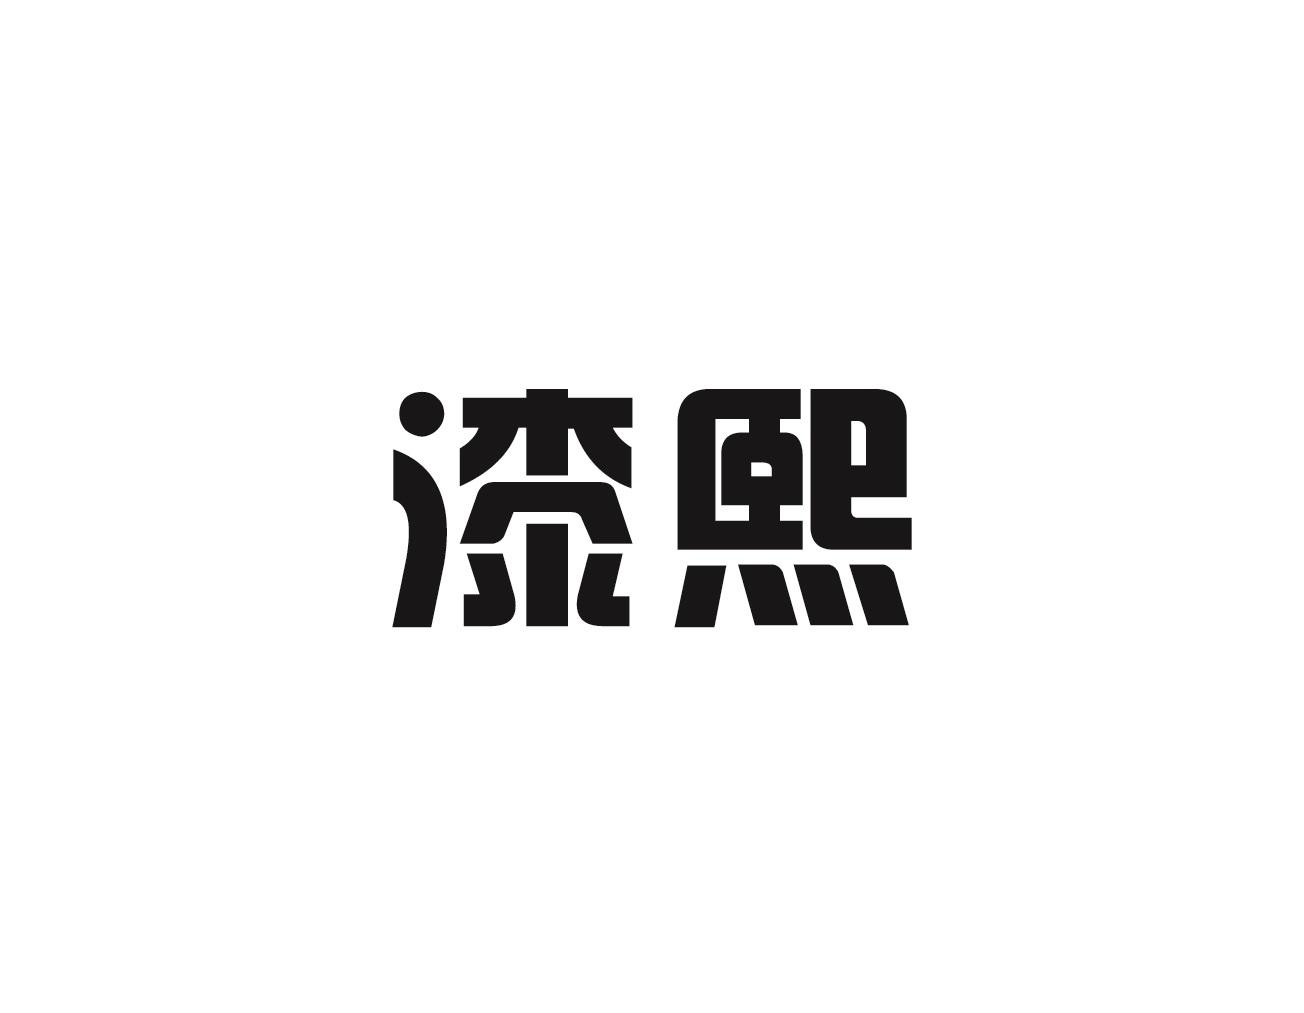 02类-涂料油漆,漆熙